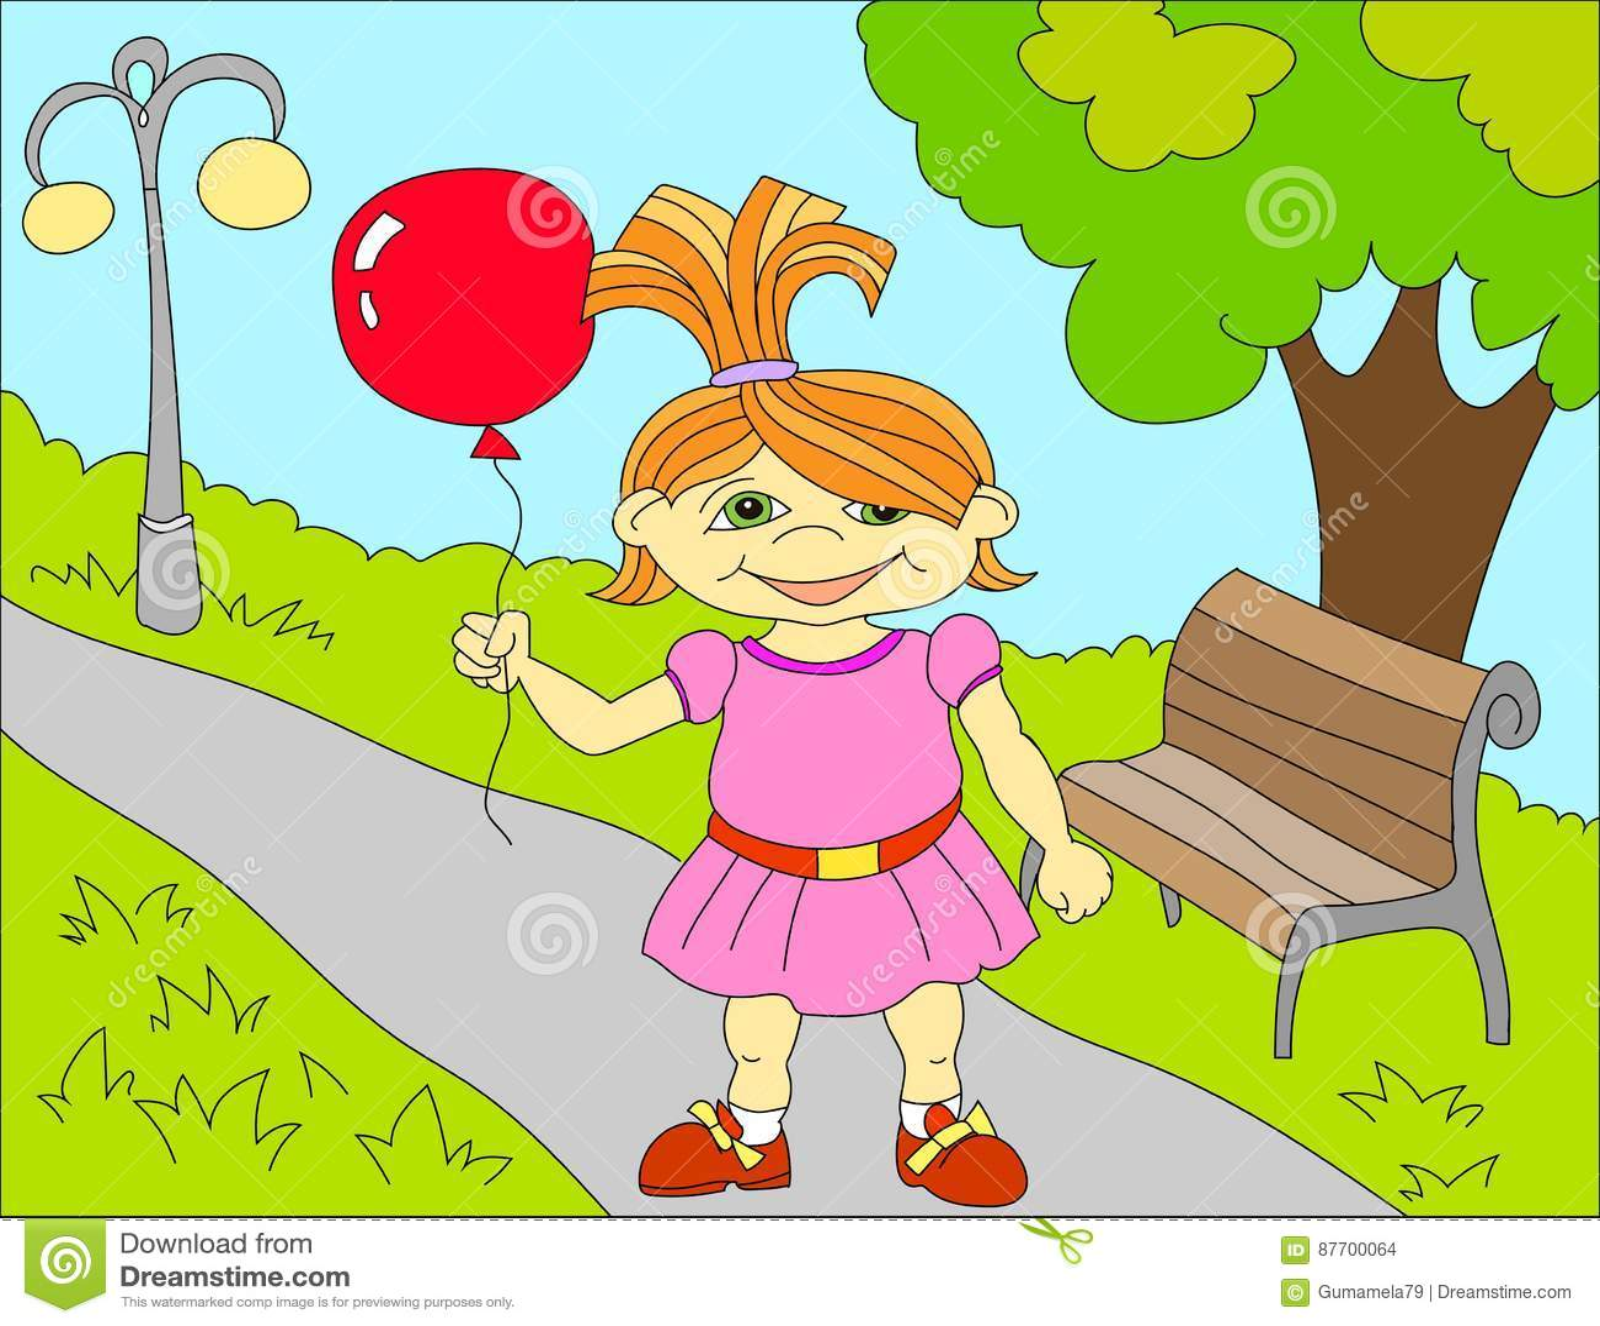 Fond d illustration colorée d une petite fille heureuse